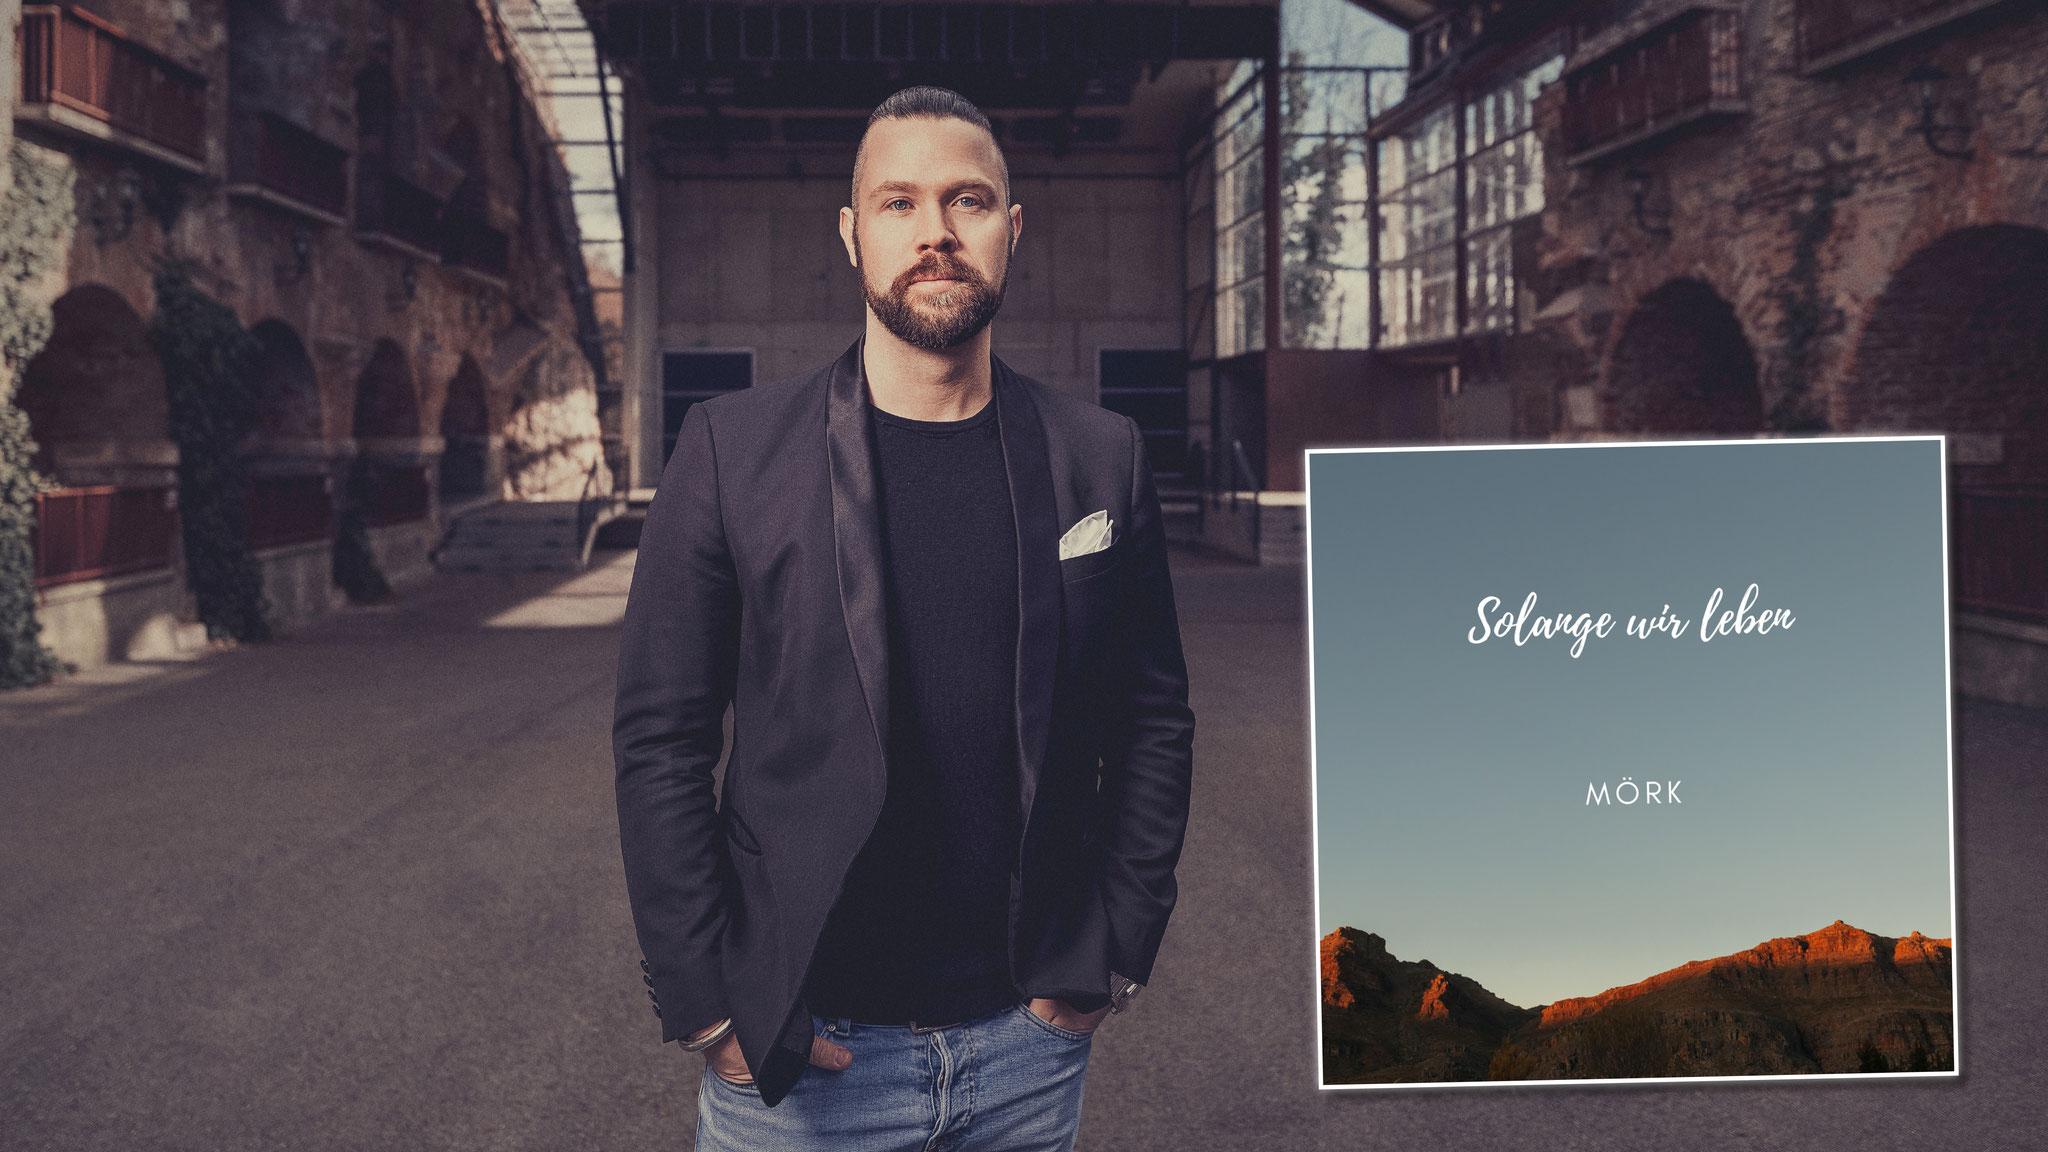 """Kärntner MÖRK veröffentlicht Deutschpop-Single """"Solange wir leben"""""""